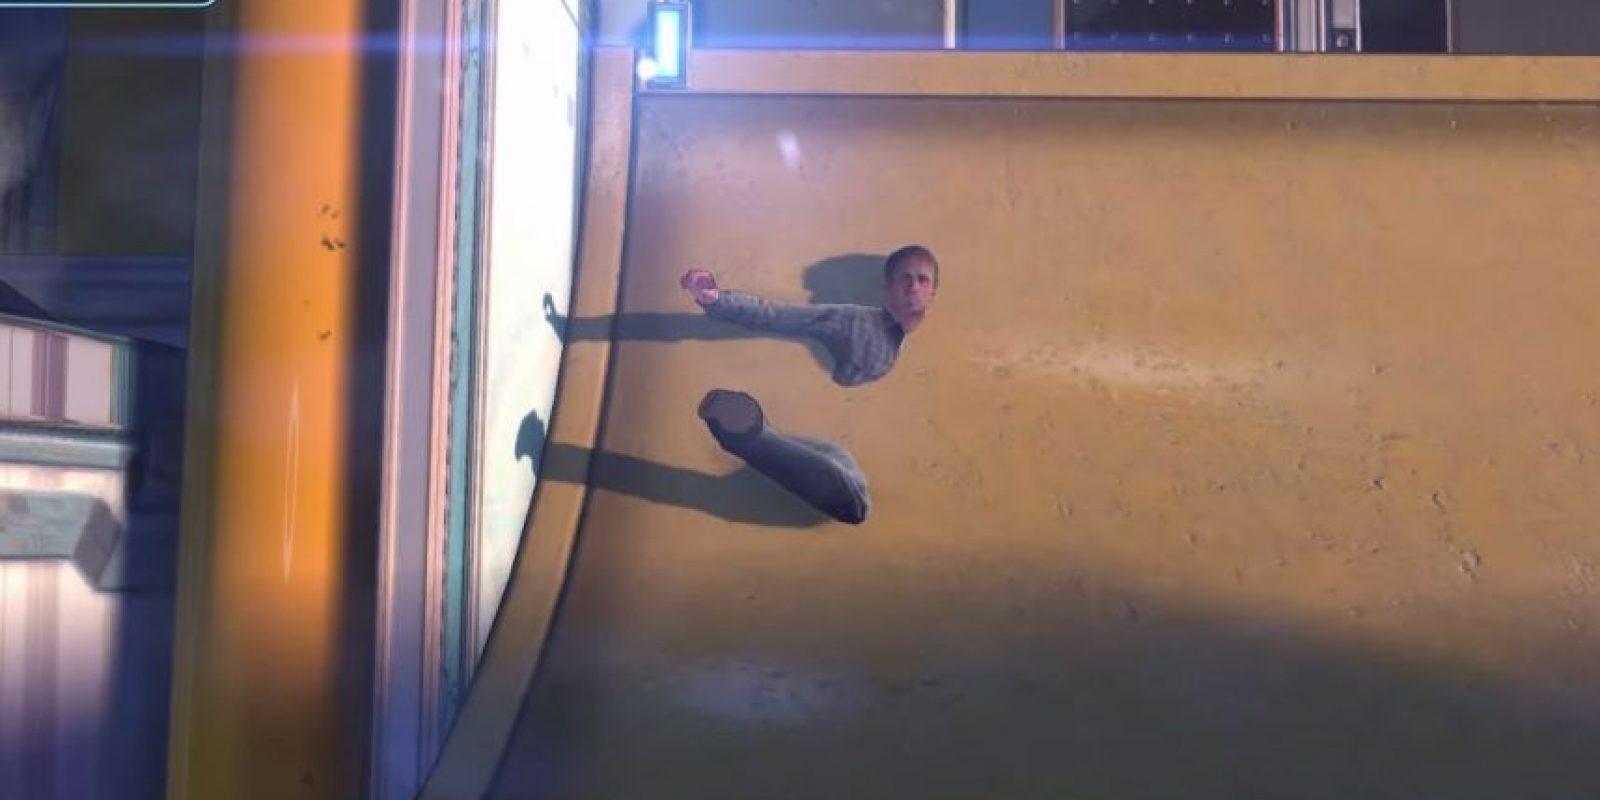 Movimientos irreales Foto:Robomodo/Disruptive Games